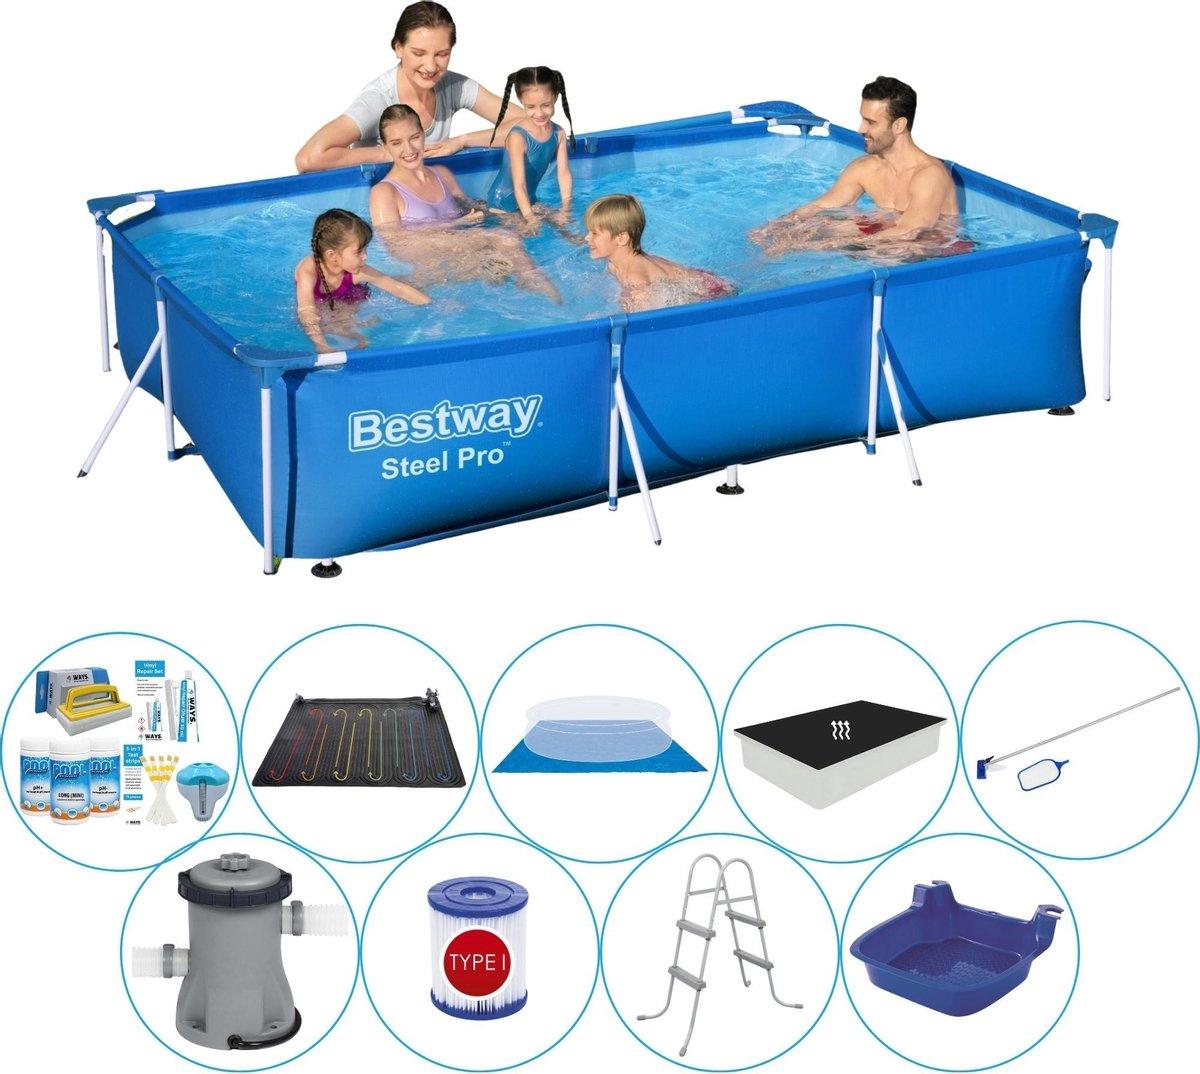 Bestway rechthoekig zwembad - duo set - inclusief passend afdekzeil - 300 x 201 x 66